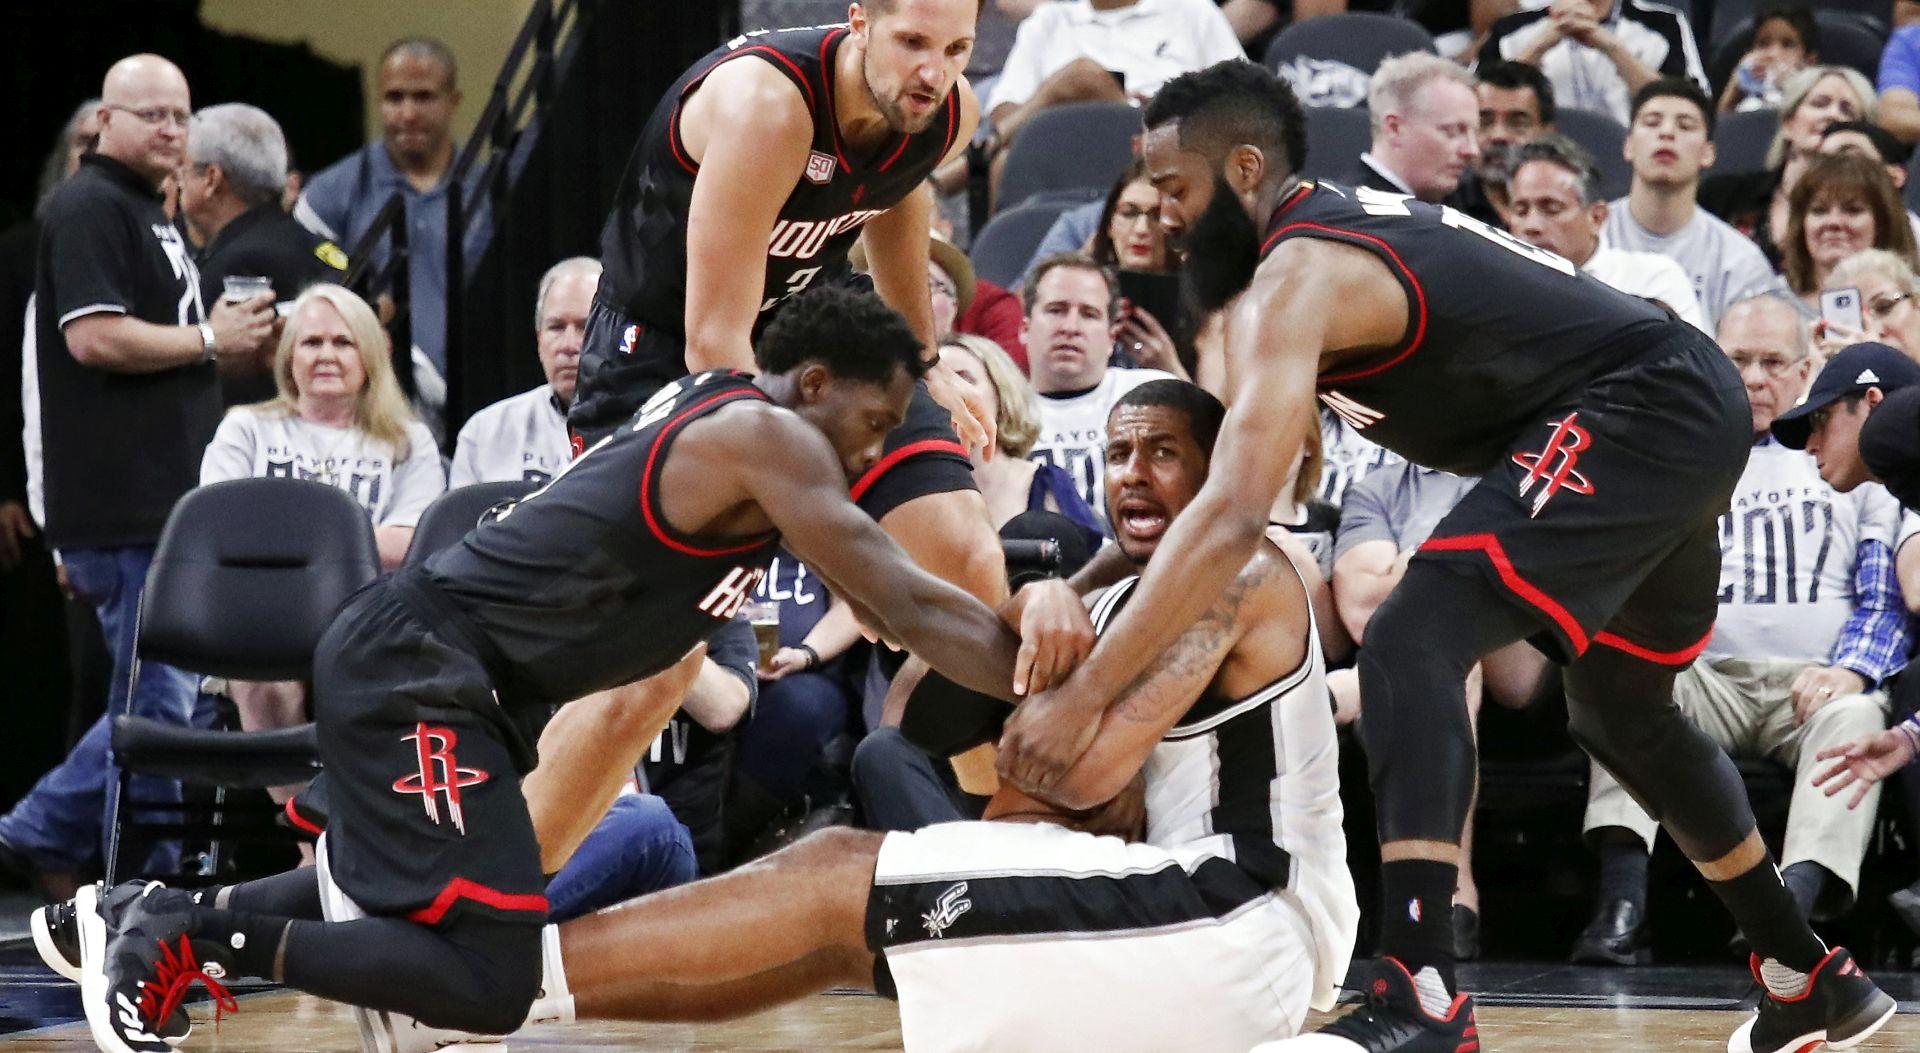 ODLUKA NBA Košarkaši moraju stajati uspravno dok svira američka himna